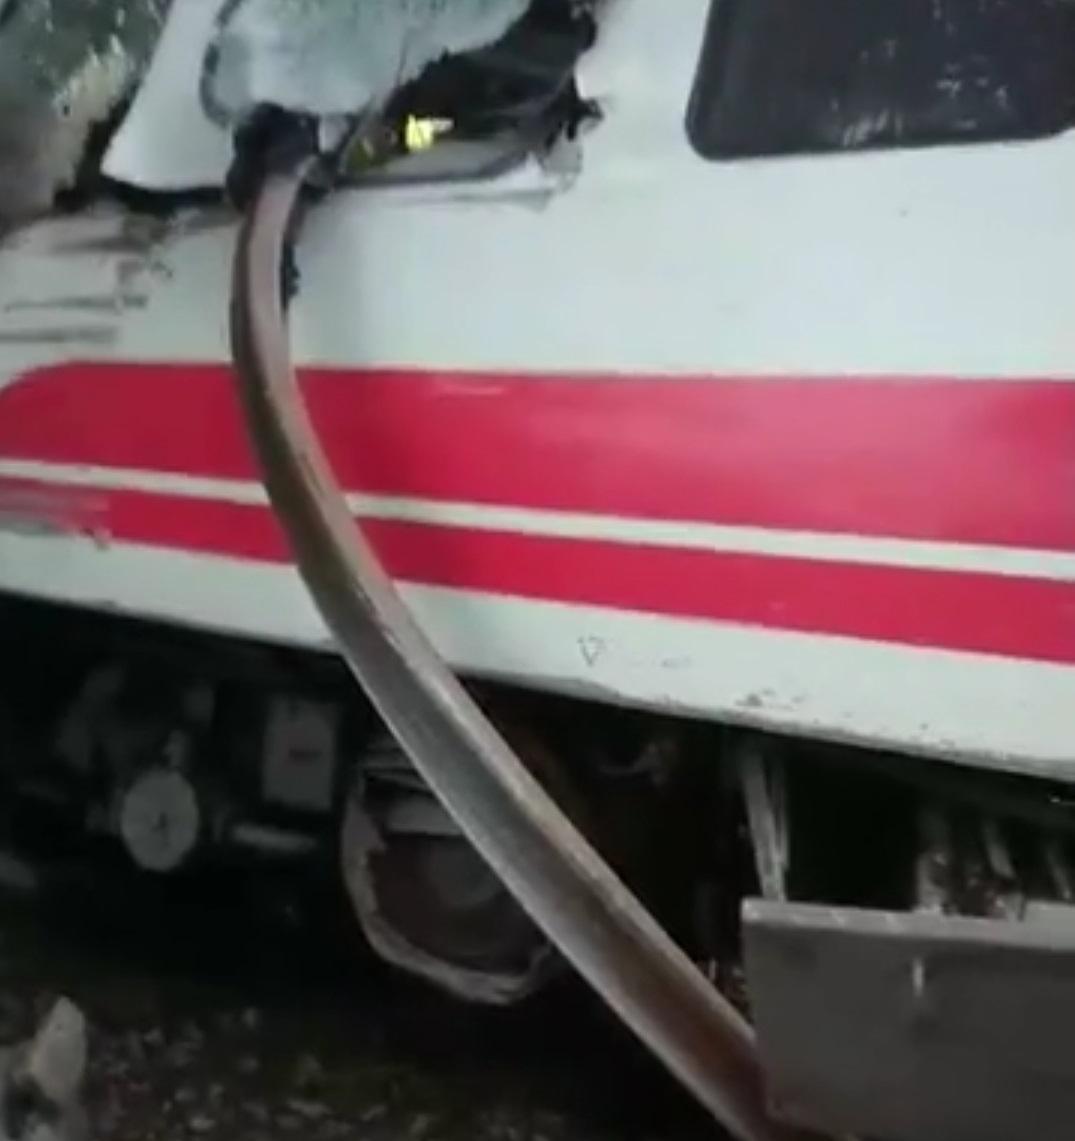 普悠瑪列車行經宜蘭蘇澳新馬車站時發生翻覆意外,還有鐵軌直插入車廂。(翻攝吳淑貞臉書)